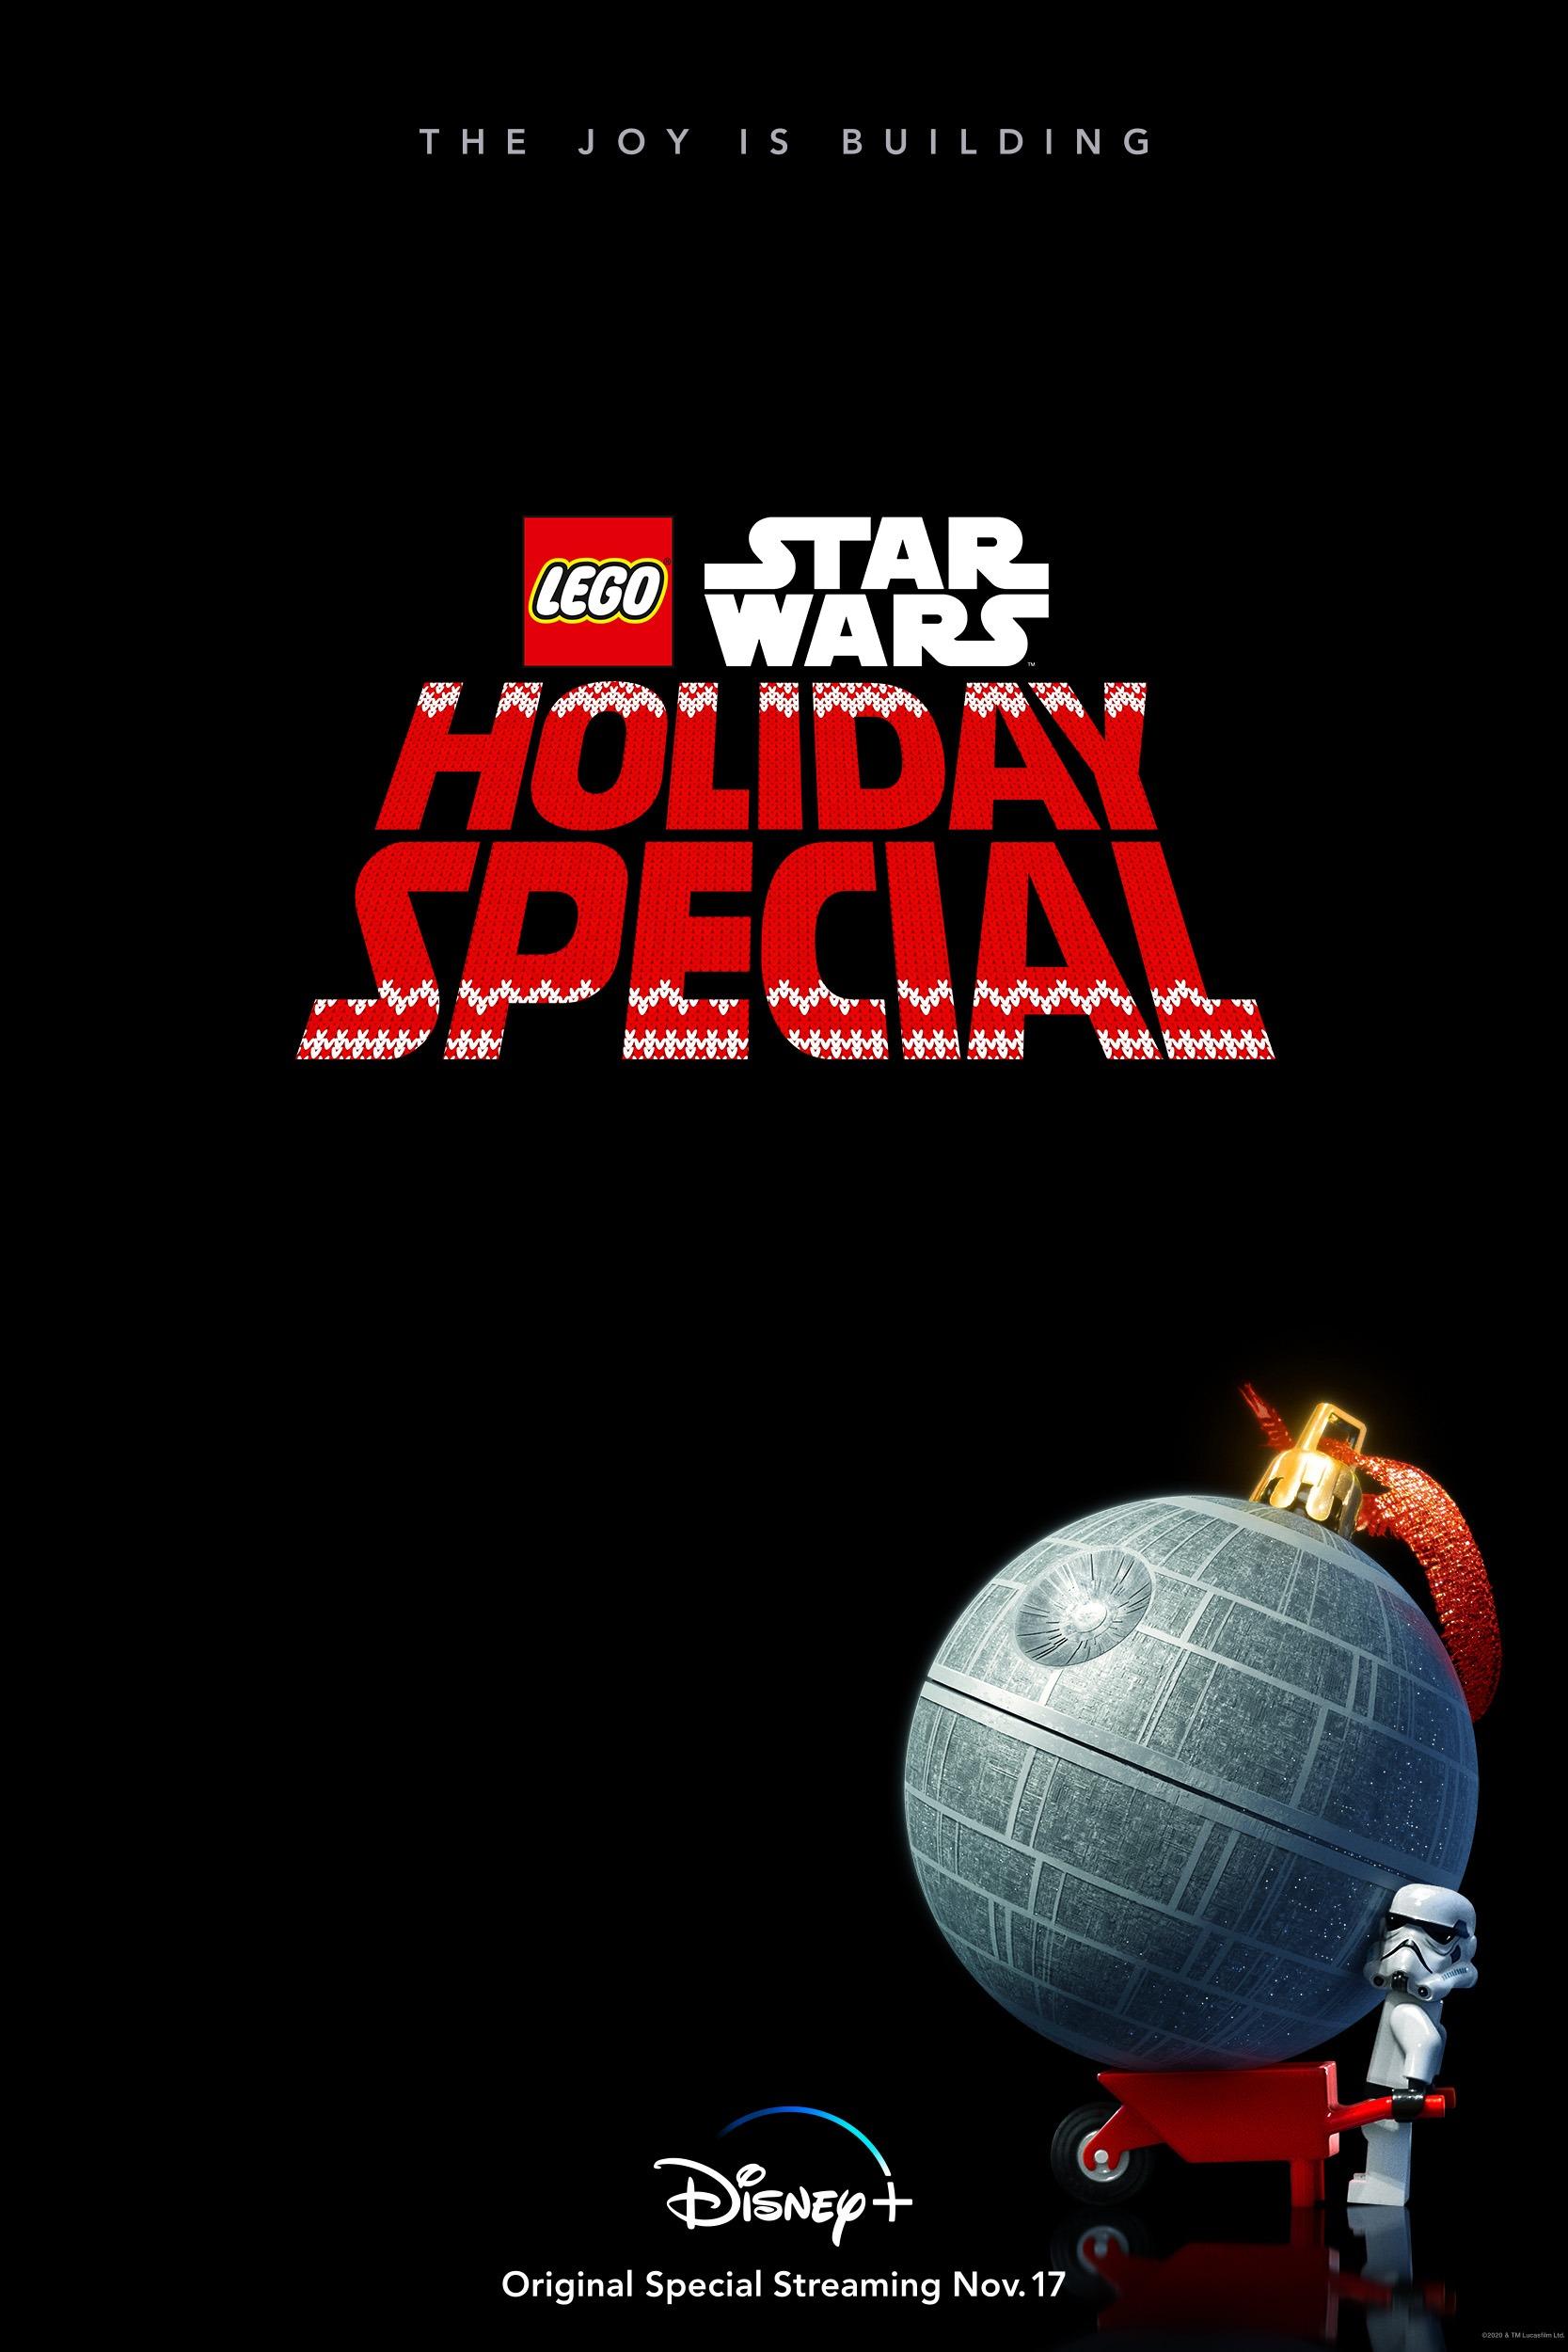 LEGO Star Wars : Joyeuses Fêtes [Lucasfilm - 2020] Emo5KHNVoAIZUYu?format=jpg&name=4096x4096